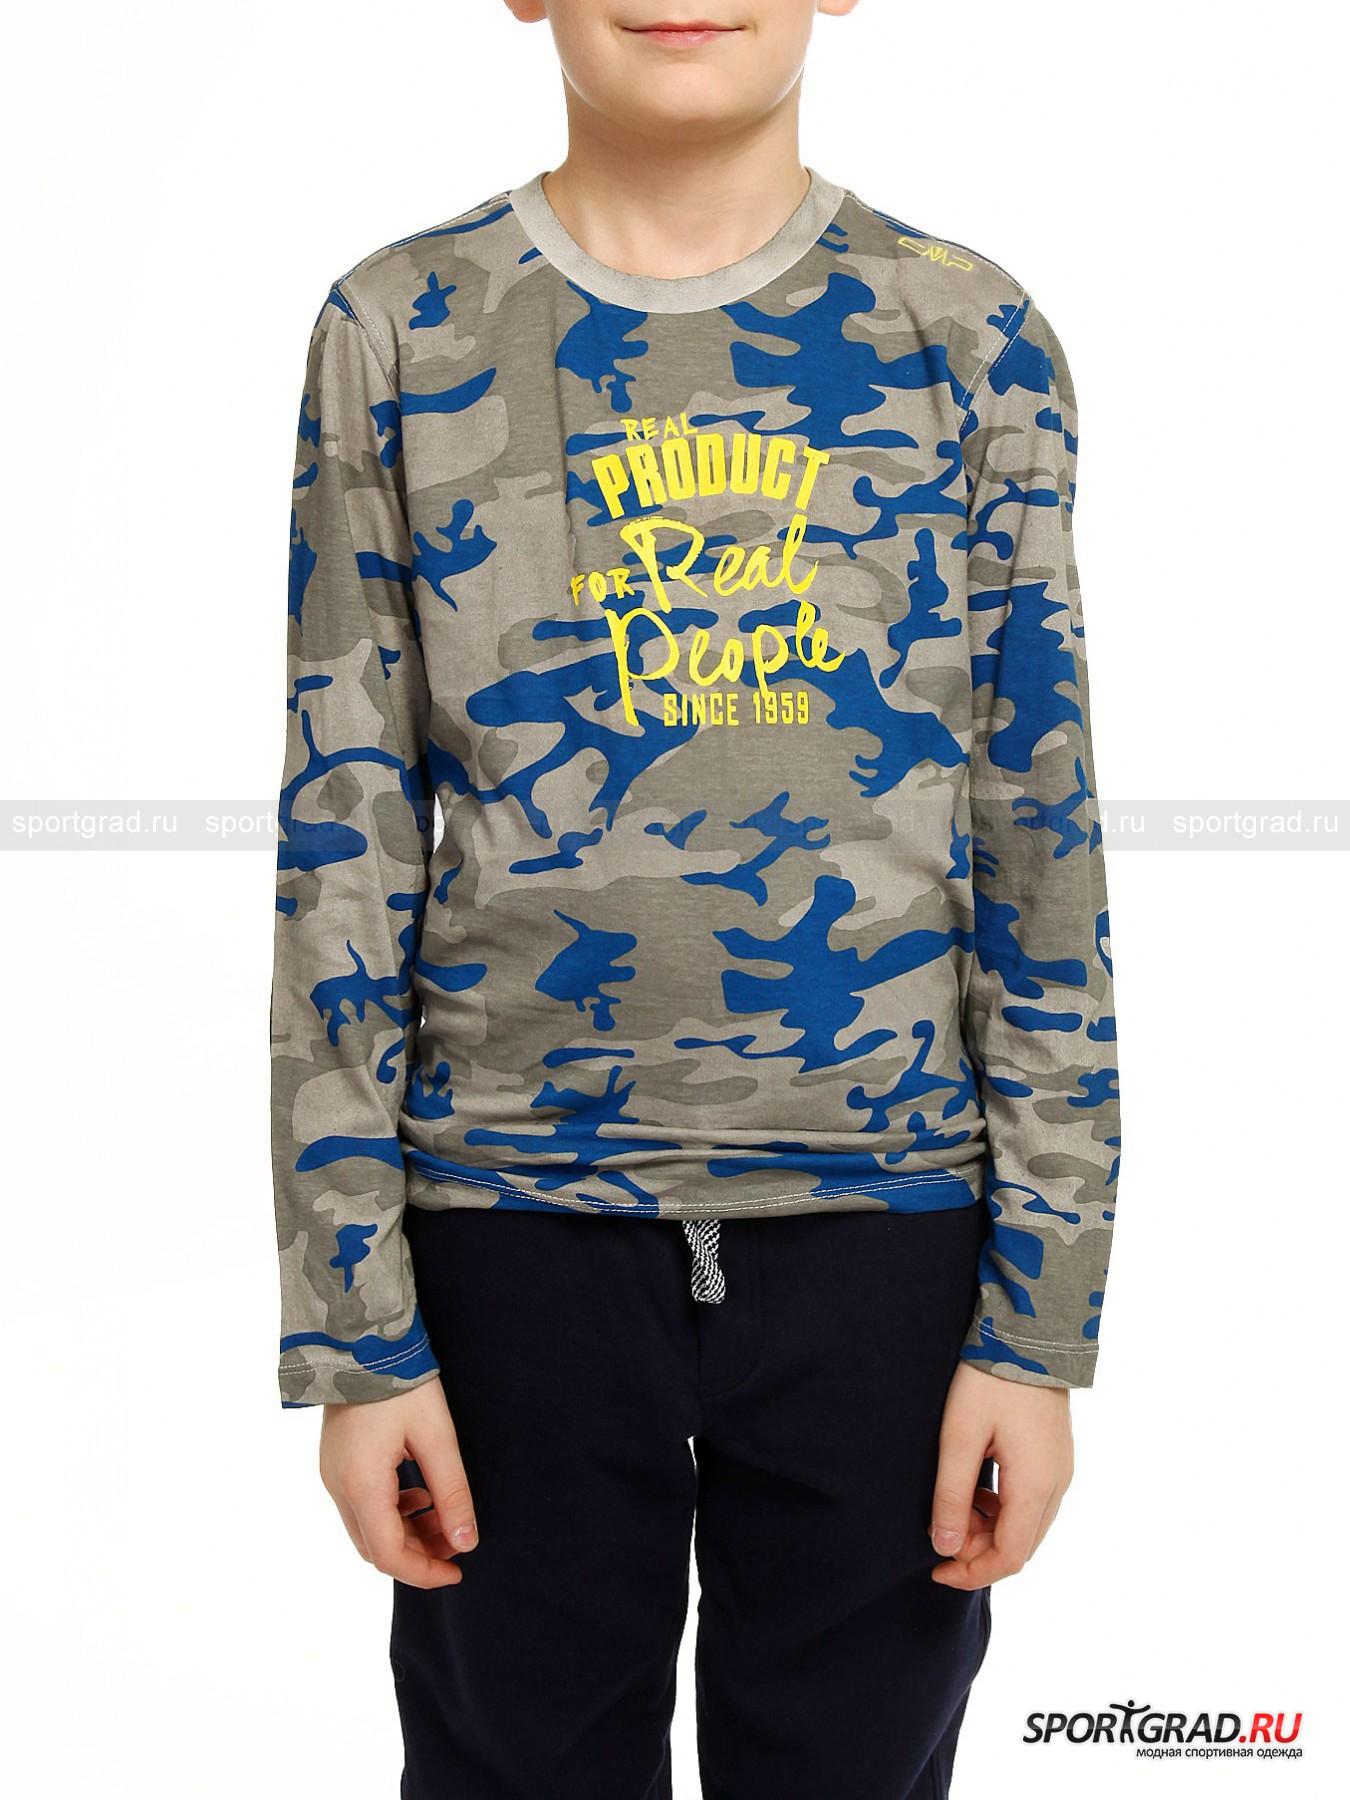 Лонгслив для мальчиков  BOY T-SHIRT CAMPAGNOLOФутболки<br>Этот необычный лонгслив CMP из винтажной линии выполнен из стопроцентной хлопковой ткани с мягкой приятной коже текстурой, которая хорошо тянется и украшен нашивками, принтами и вышивкой. Если Вашему ребёнку по душе оригинальная одежда в стиле sport casual, то такая вещь не оставит его равнодушным.<br><br>Возраст: Детский<br>Тип: Футболки<br>Рекомендации по уходу: Деликатная ручная стирка при температуре 30 градусов, щадящий ручной отжим, гладить при температуре до 110 градусов.<br>Состав: 100% хлопок